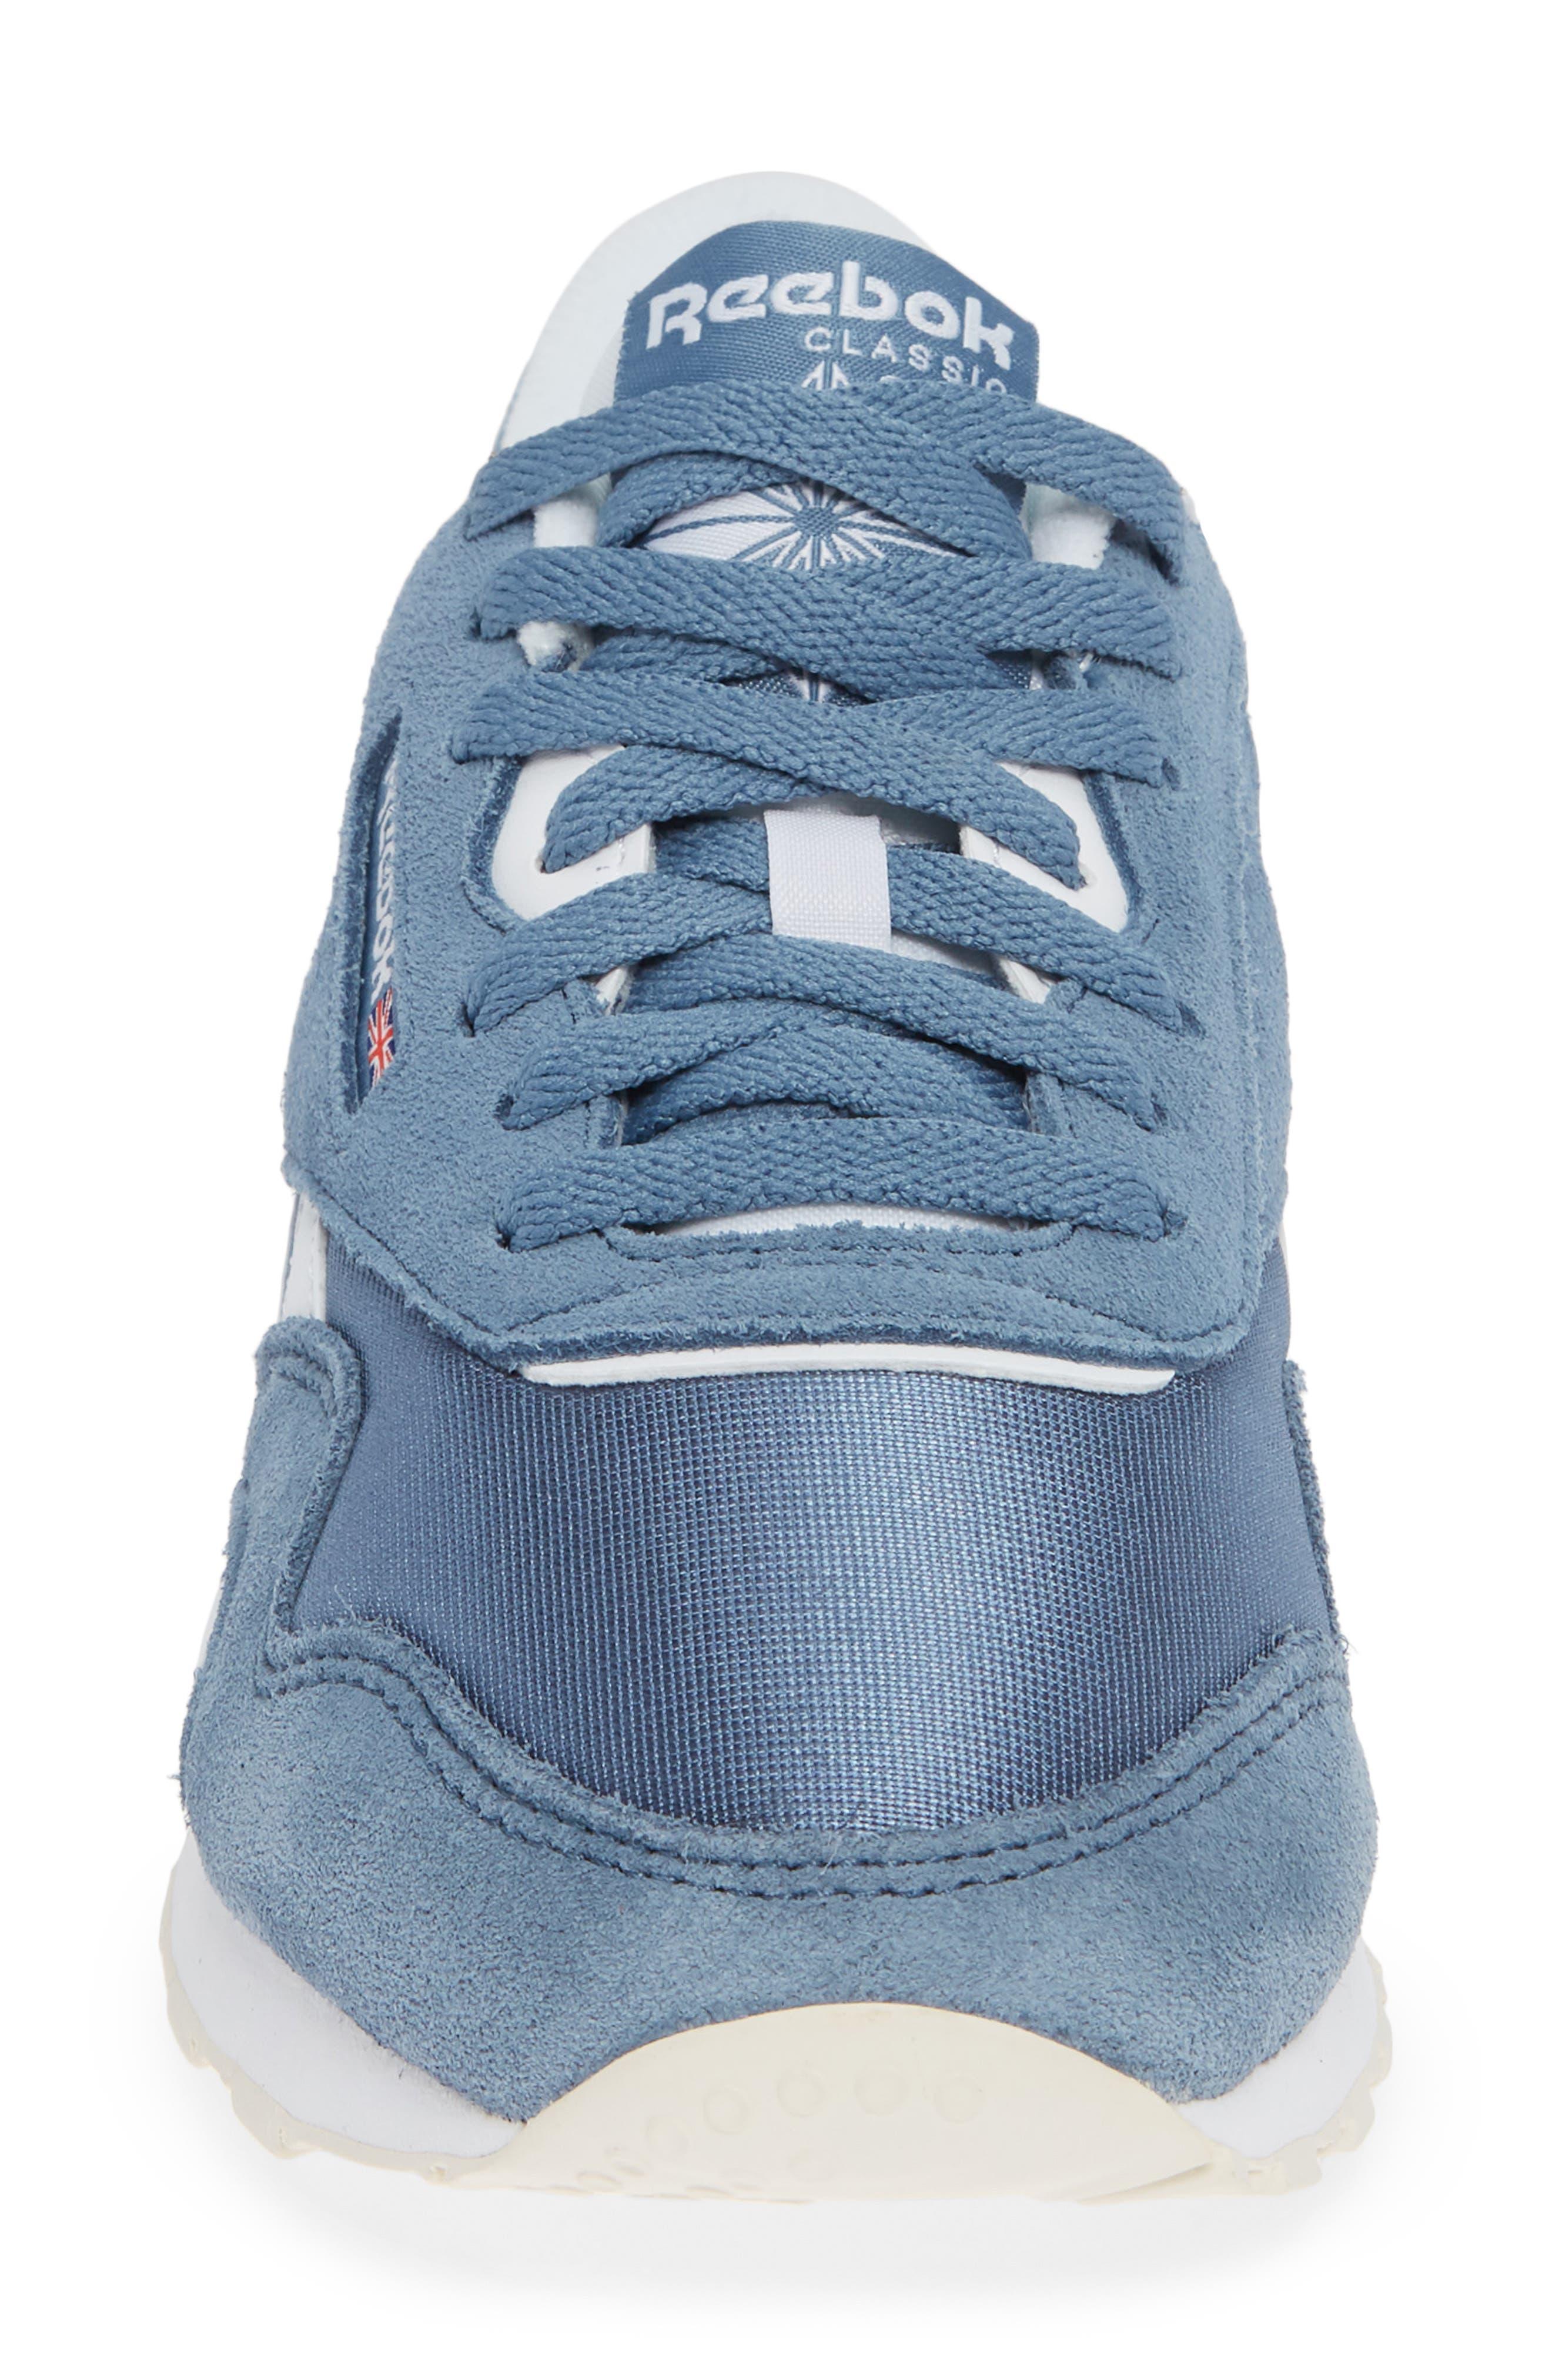 Classic Sneaker,                             Alternate thumbnail 4, color,                             BLUE SLATE/ WHITE/ CHALK